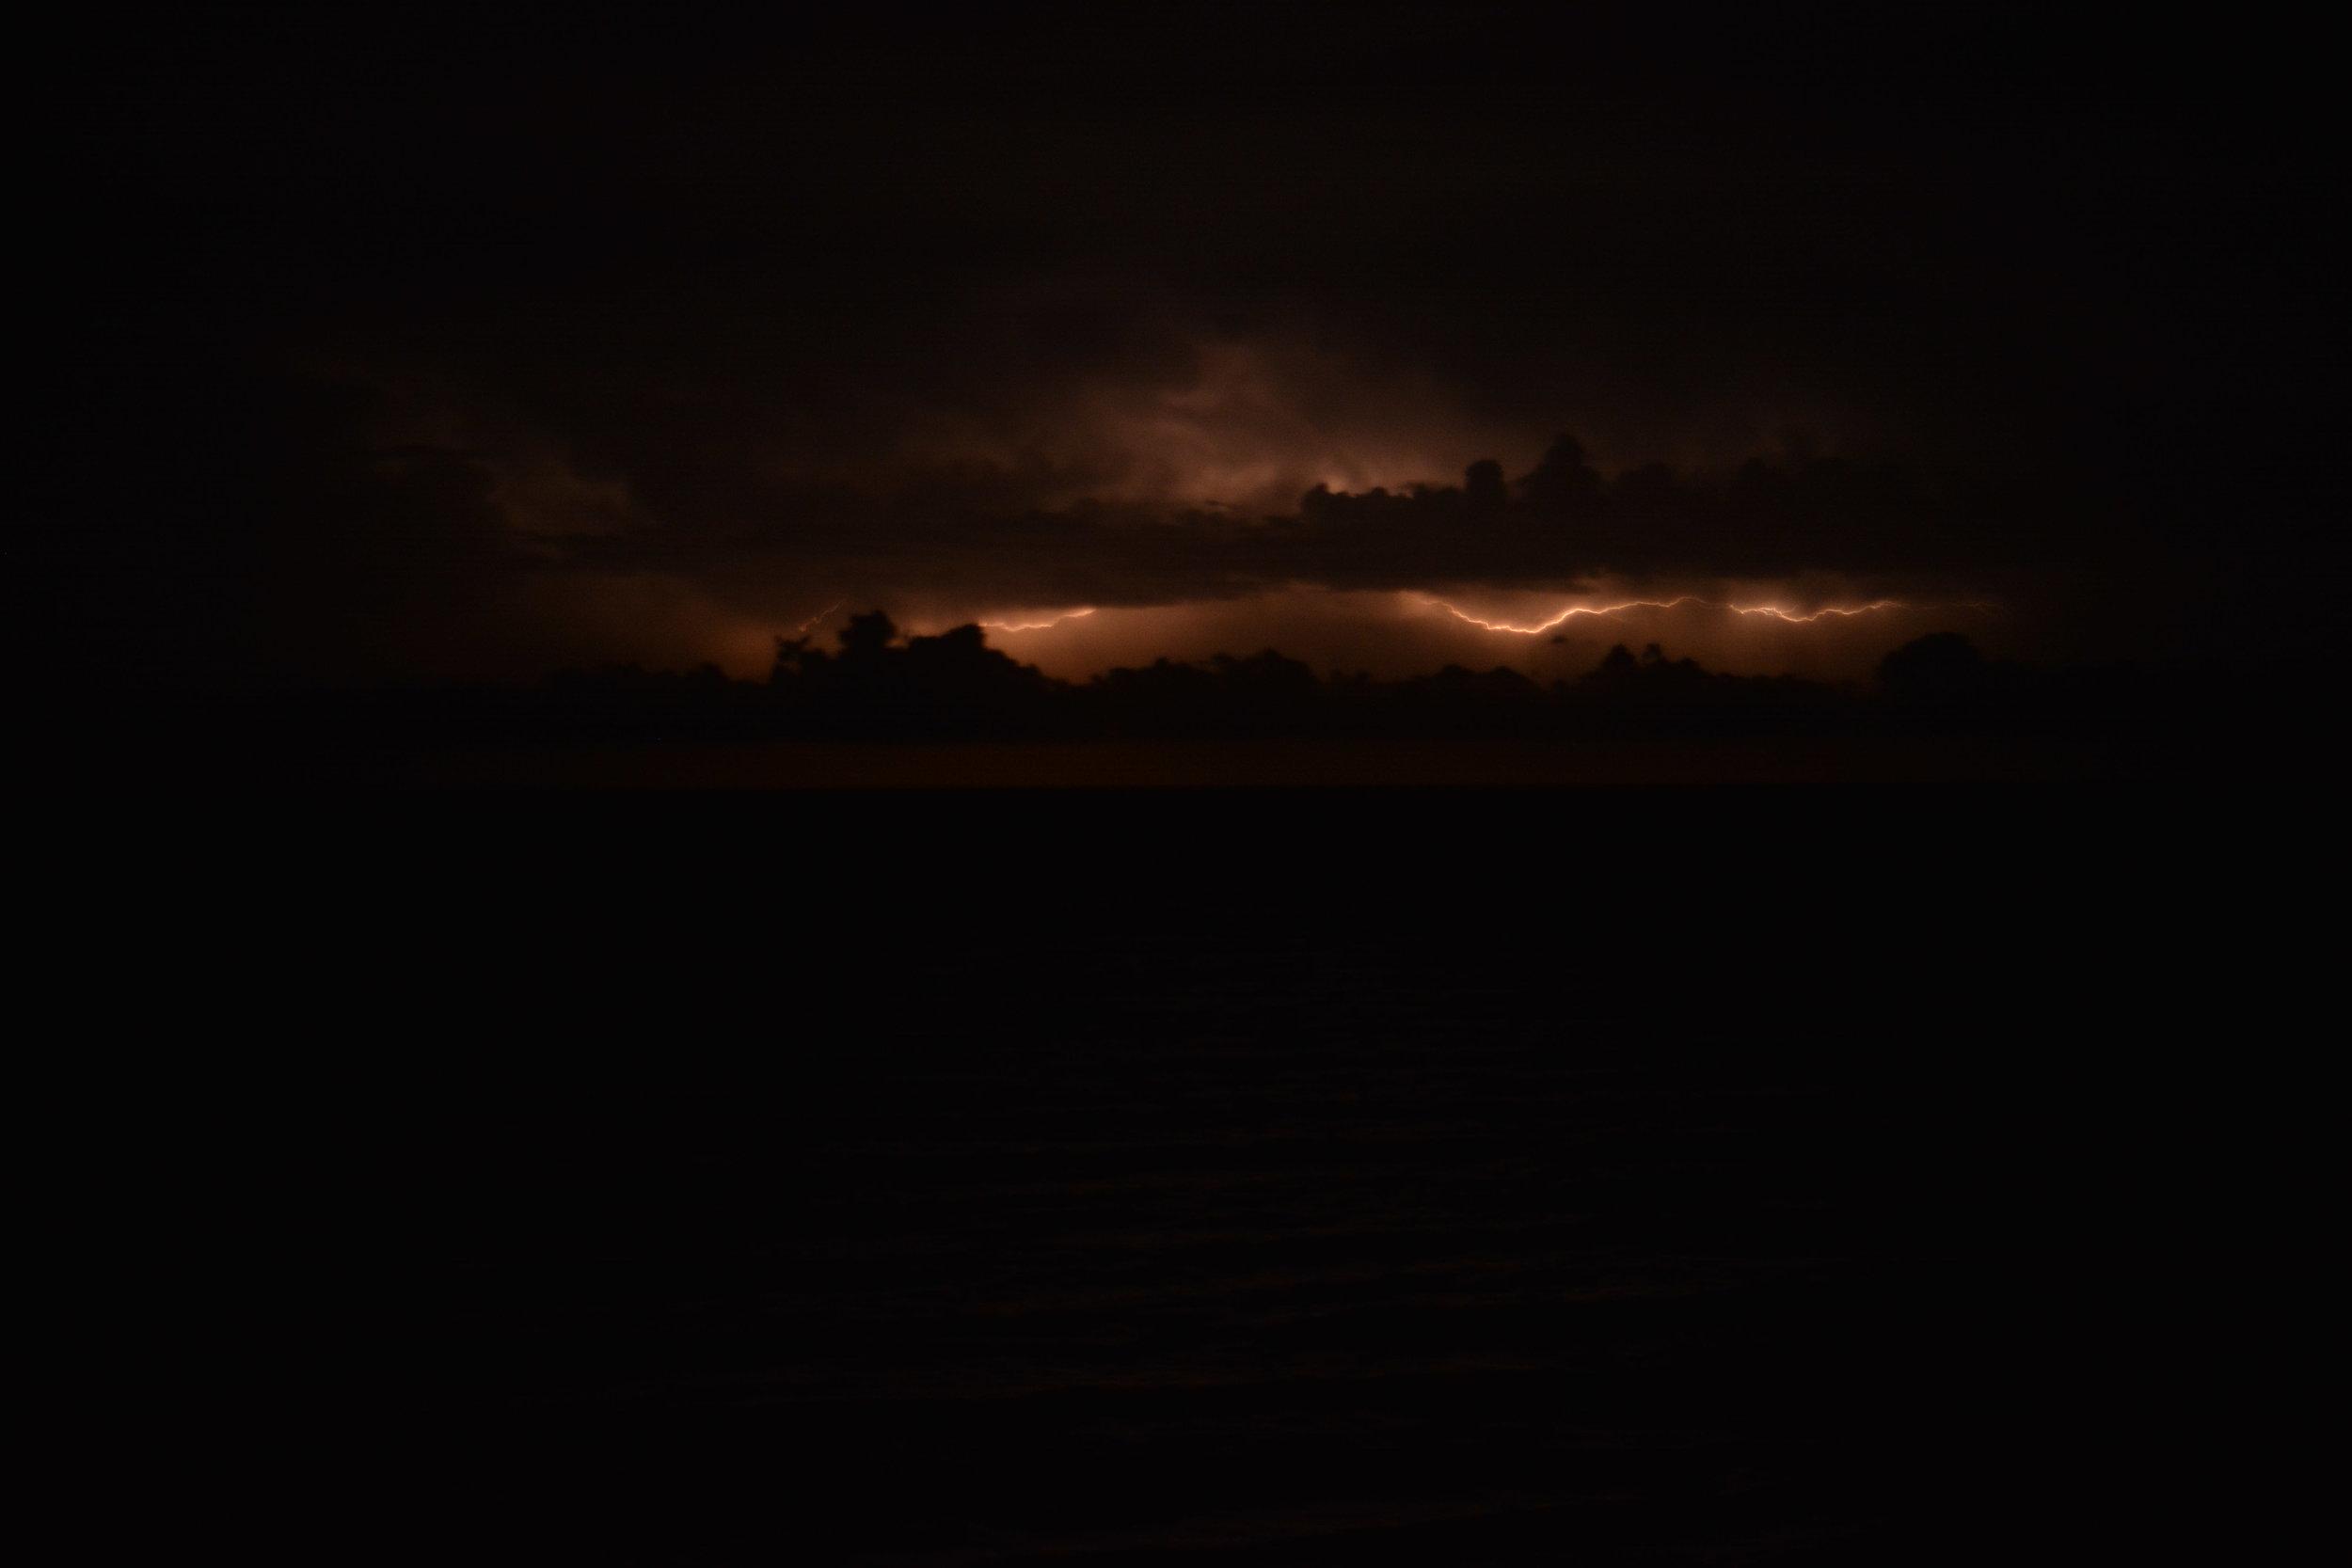 Miedo a las tormentas o Brontofobia - Los fenómenos atmosféricos adversos, como los truenos, los rayos o las tormentas, fueron considerados por nuestros antepasados como castigos divinos. El ruido que producen estos fenómenos meteorológicos y los destellos en el cielo pueden resultar aterradores para algunas personas.